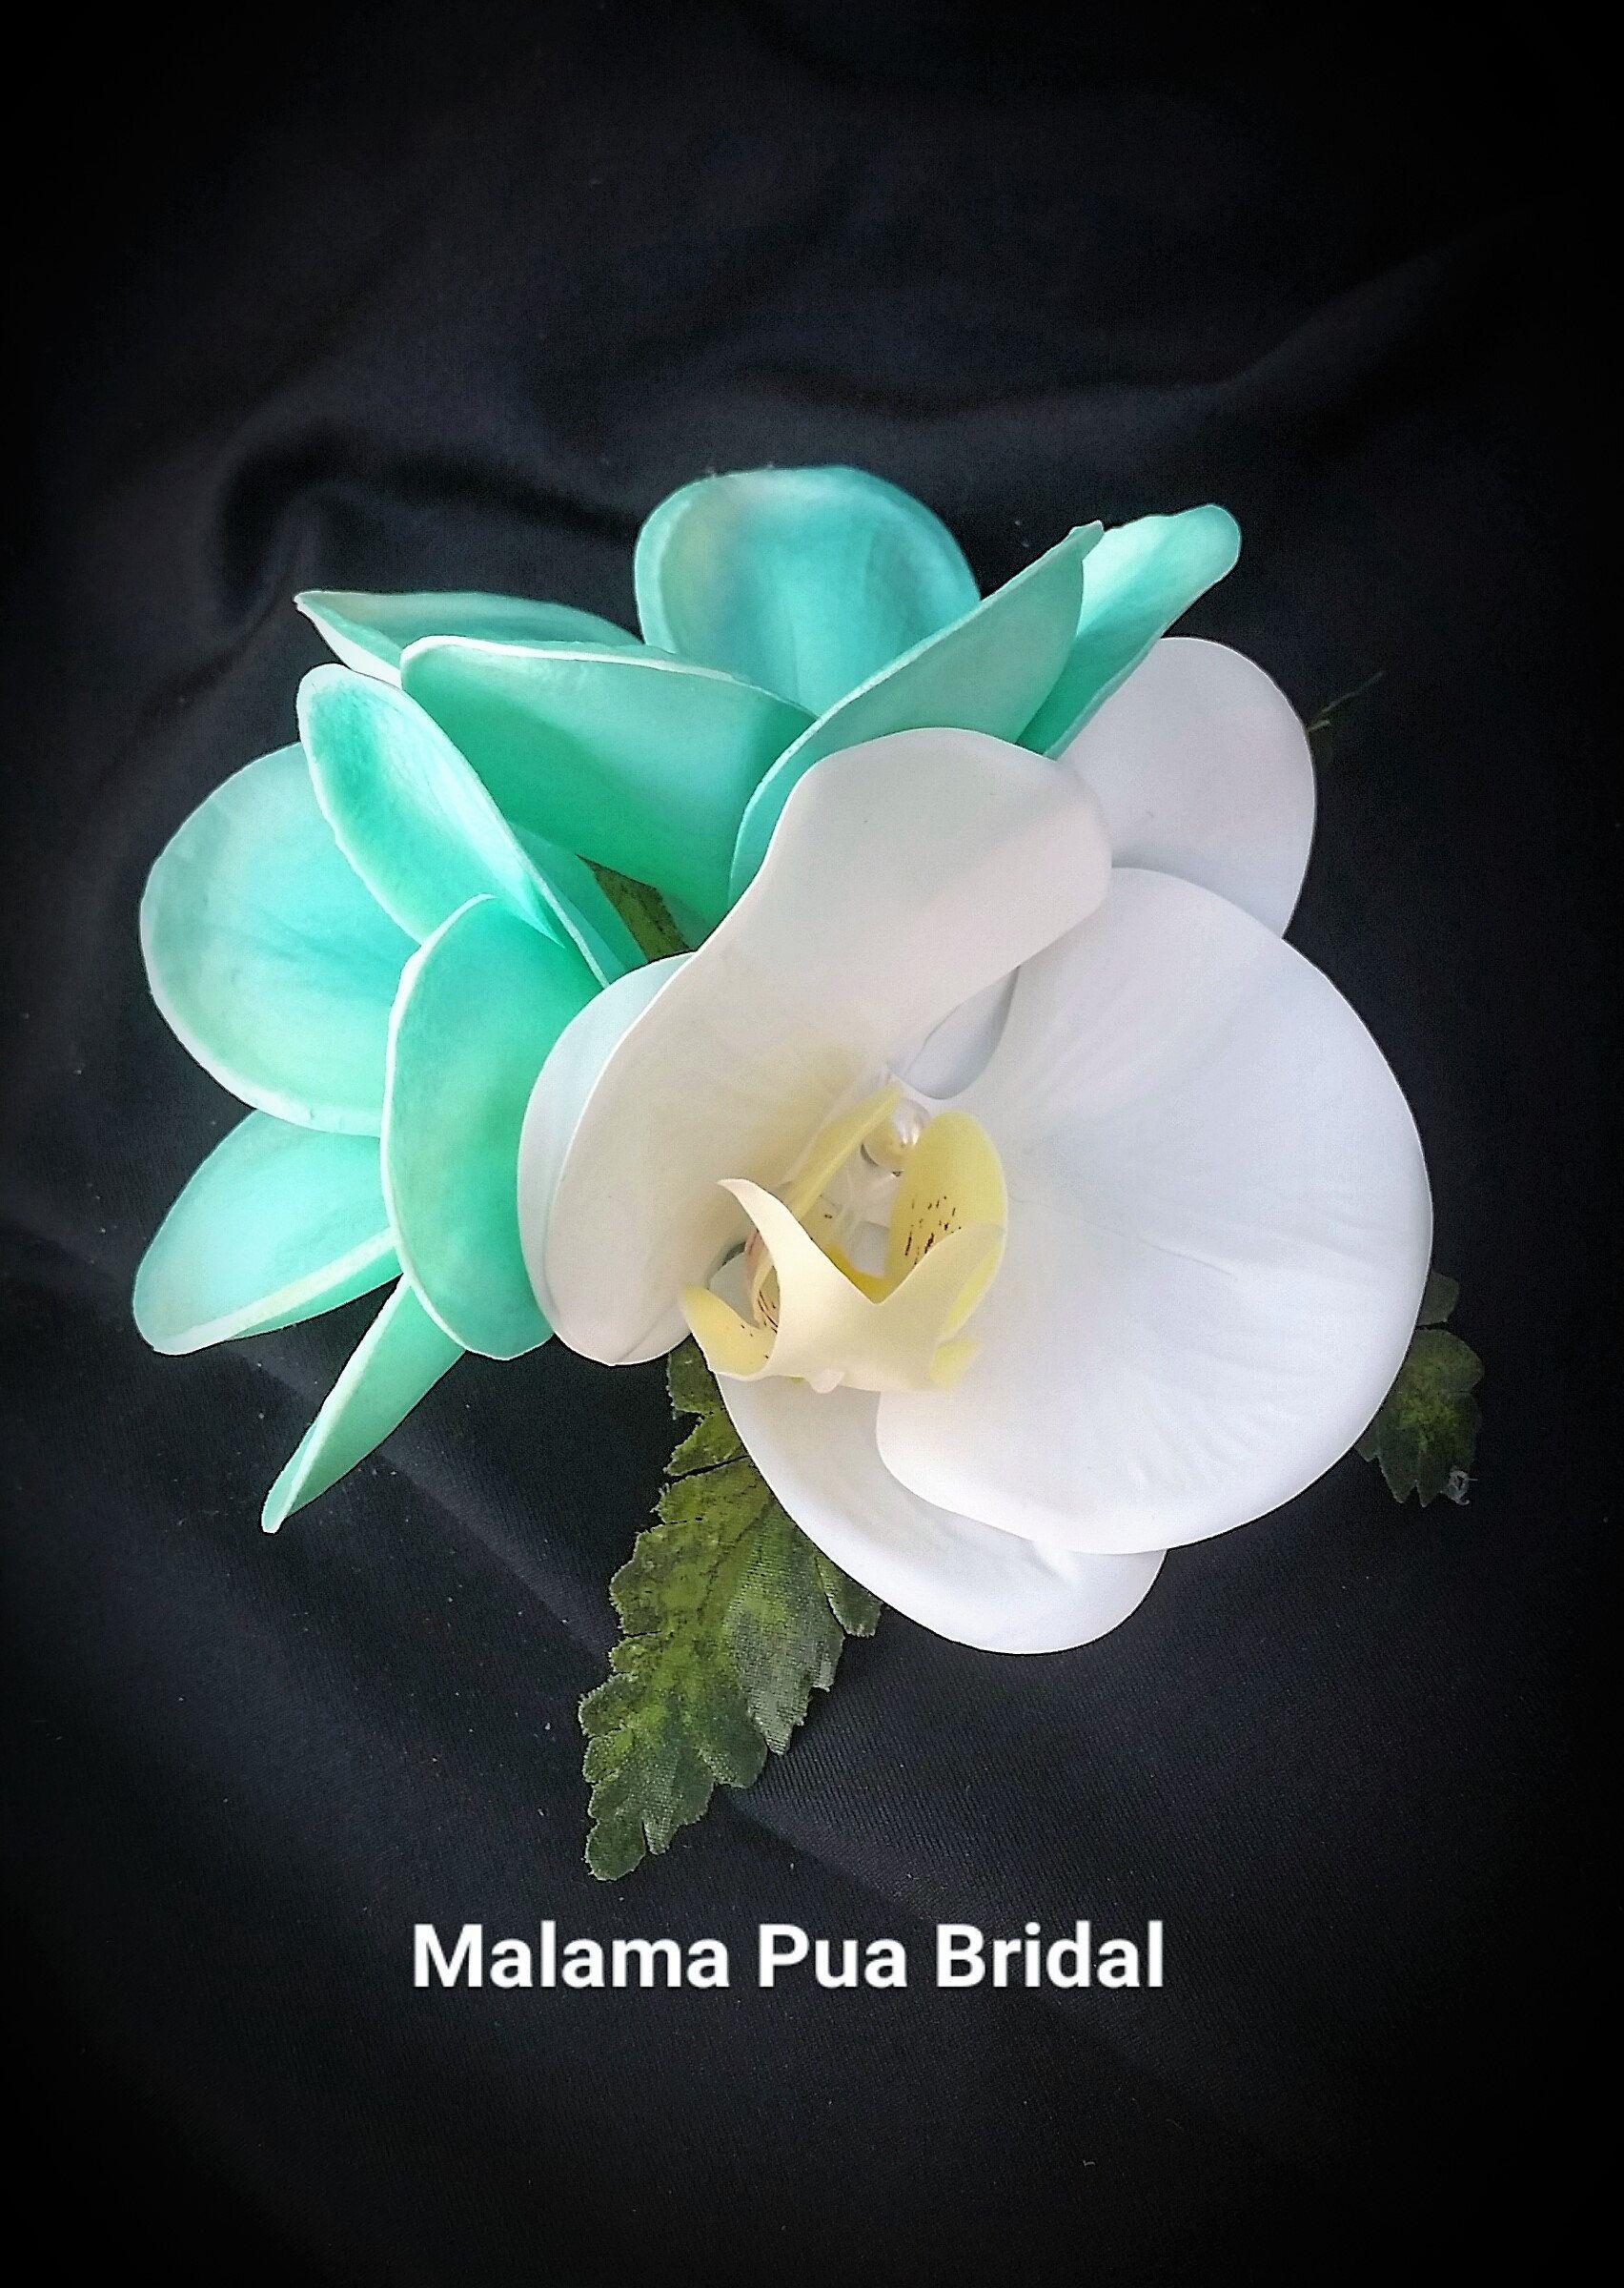 Tropical Hair Clip Hair Accessory Turquoise Plumeria Silk Orchid Wedding Headpiece Bridal Hair Clip Beach Hair Flowers Fascinator Silk Flower Hair Accessories Flowers In Hair Bridal Hair Pieces Flower